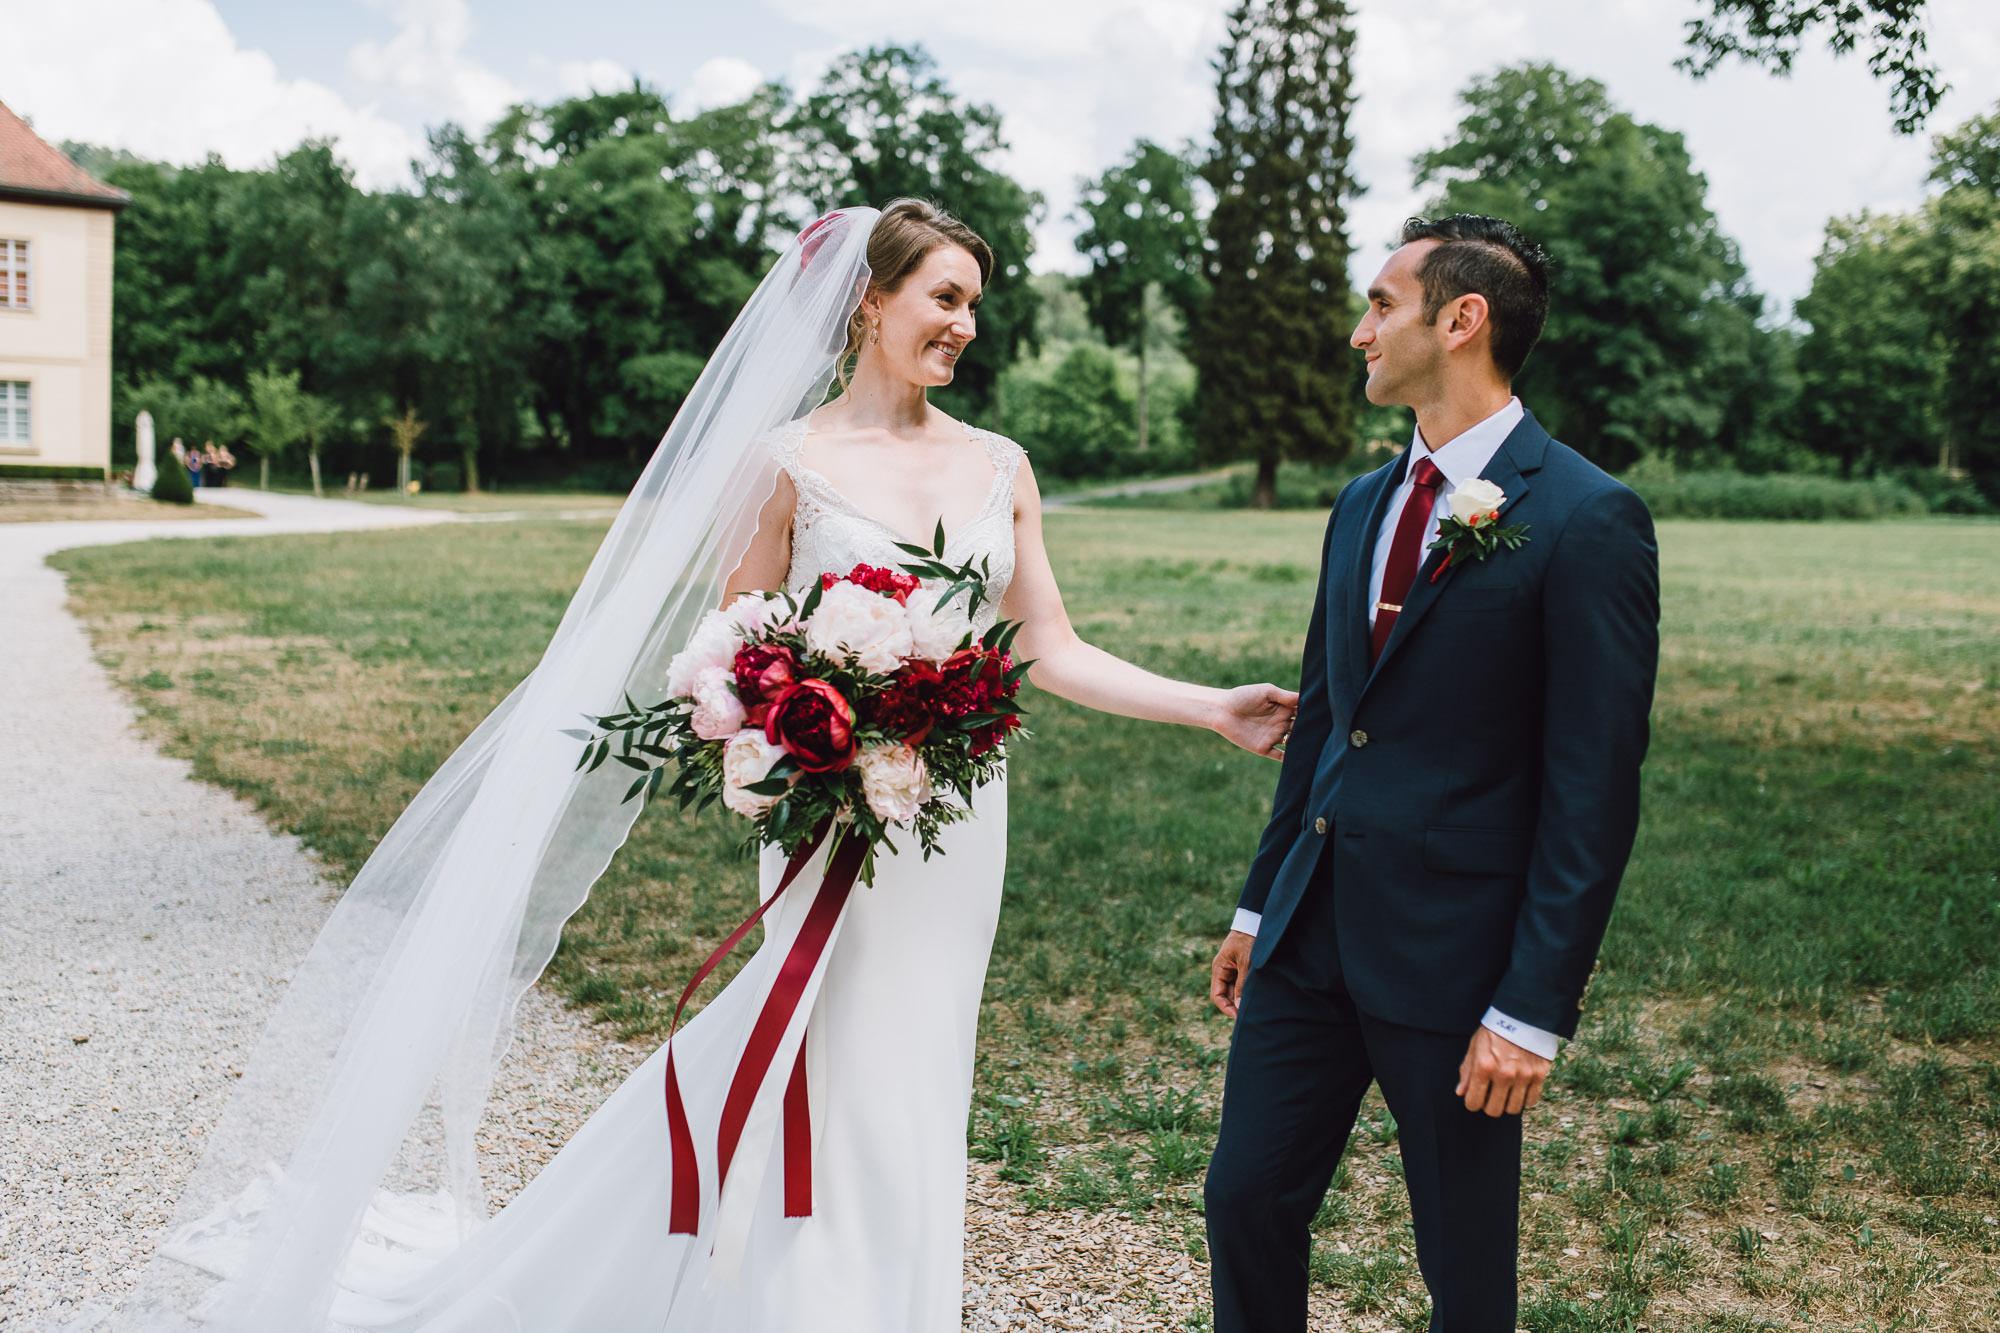 rustic-elegant-wedding-schloss-hochzeit-eyrichshof-franken-bamberg-038